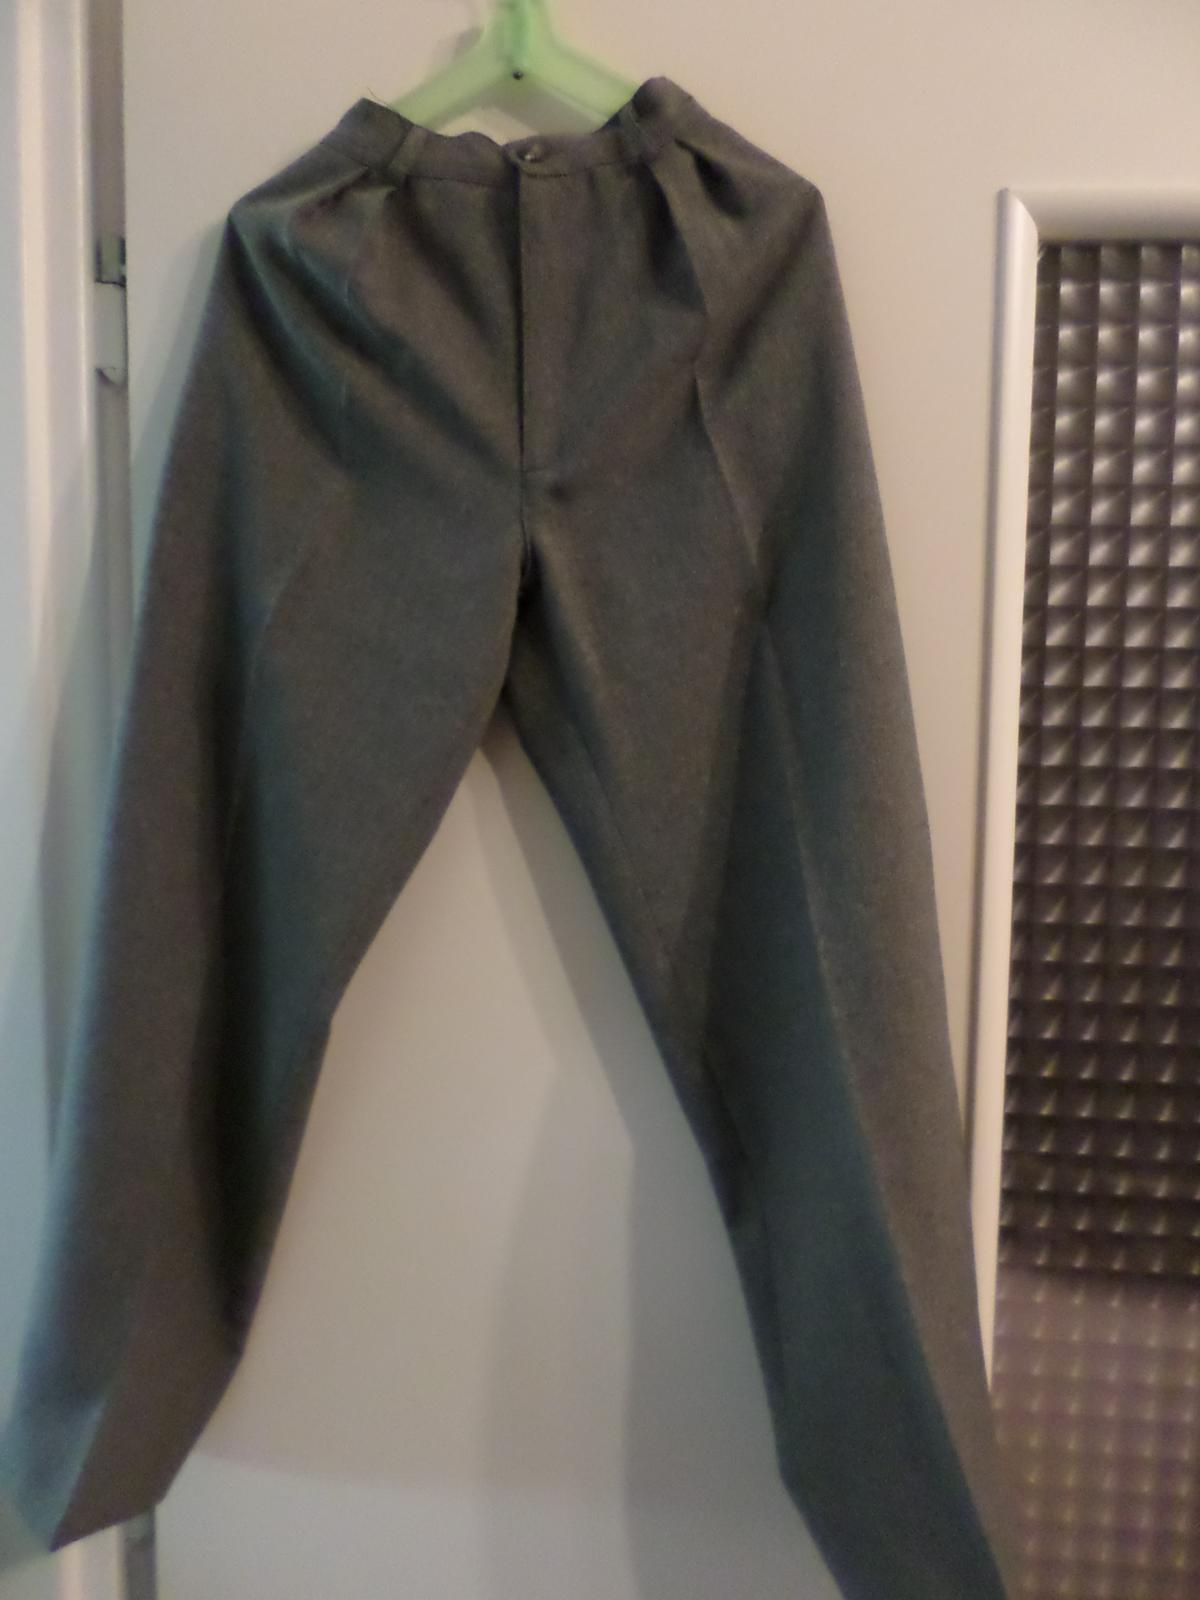 Oblek pre chlapca - Obrázok č. 4